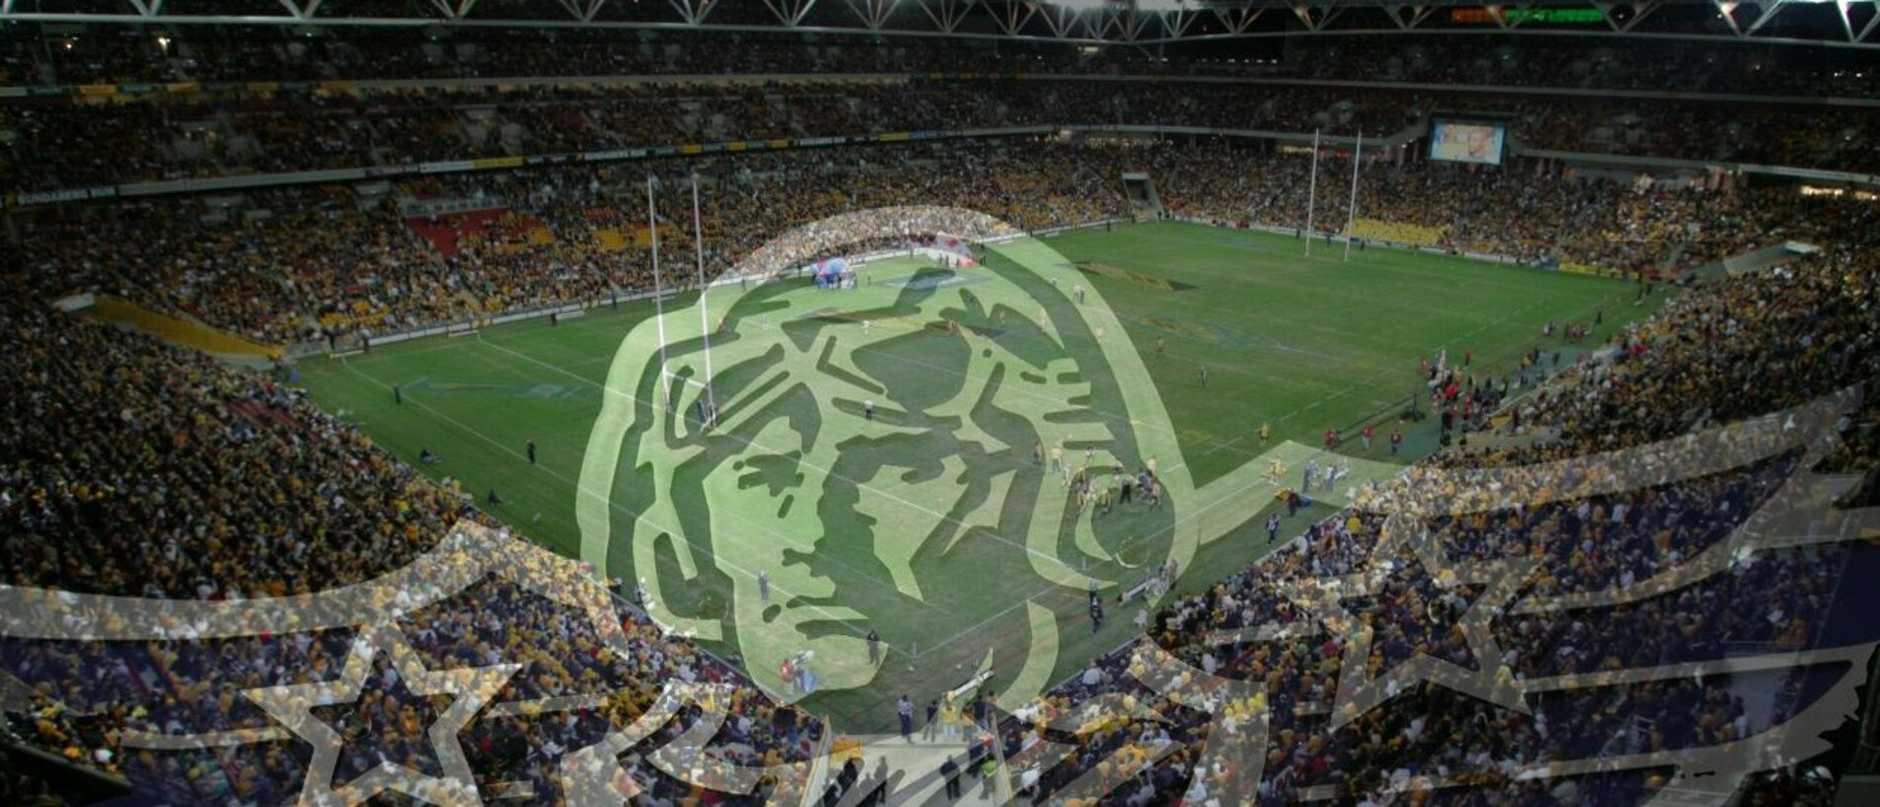 Brisbane Bombers at Suncorp Stadium